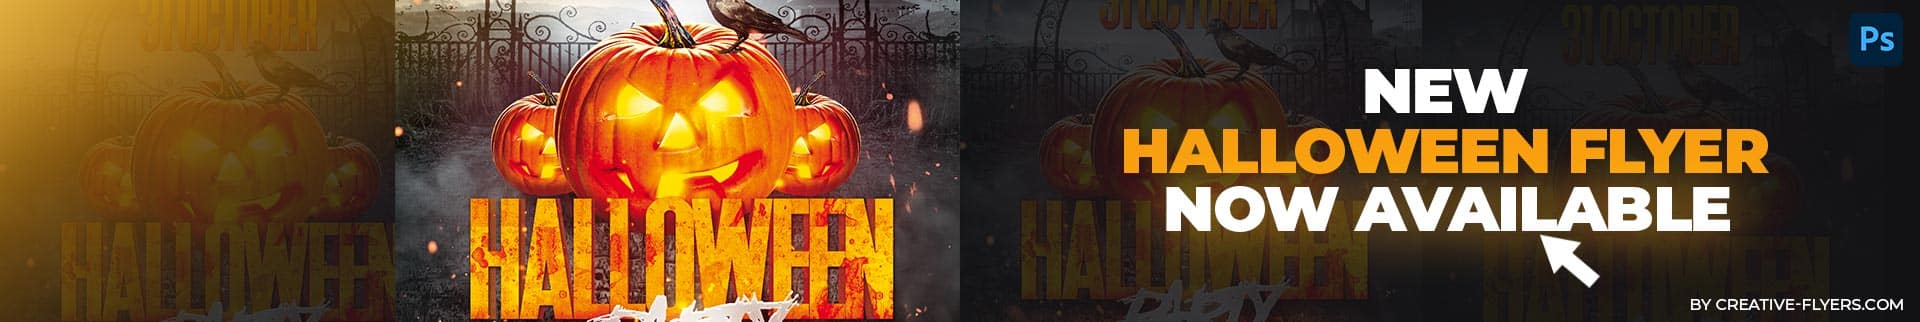 Halloween flyer design